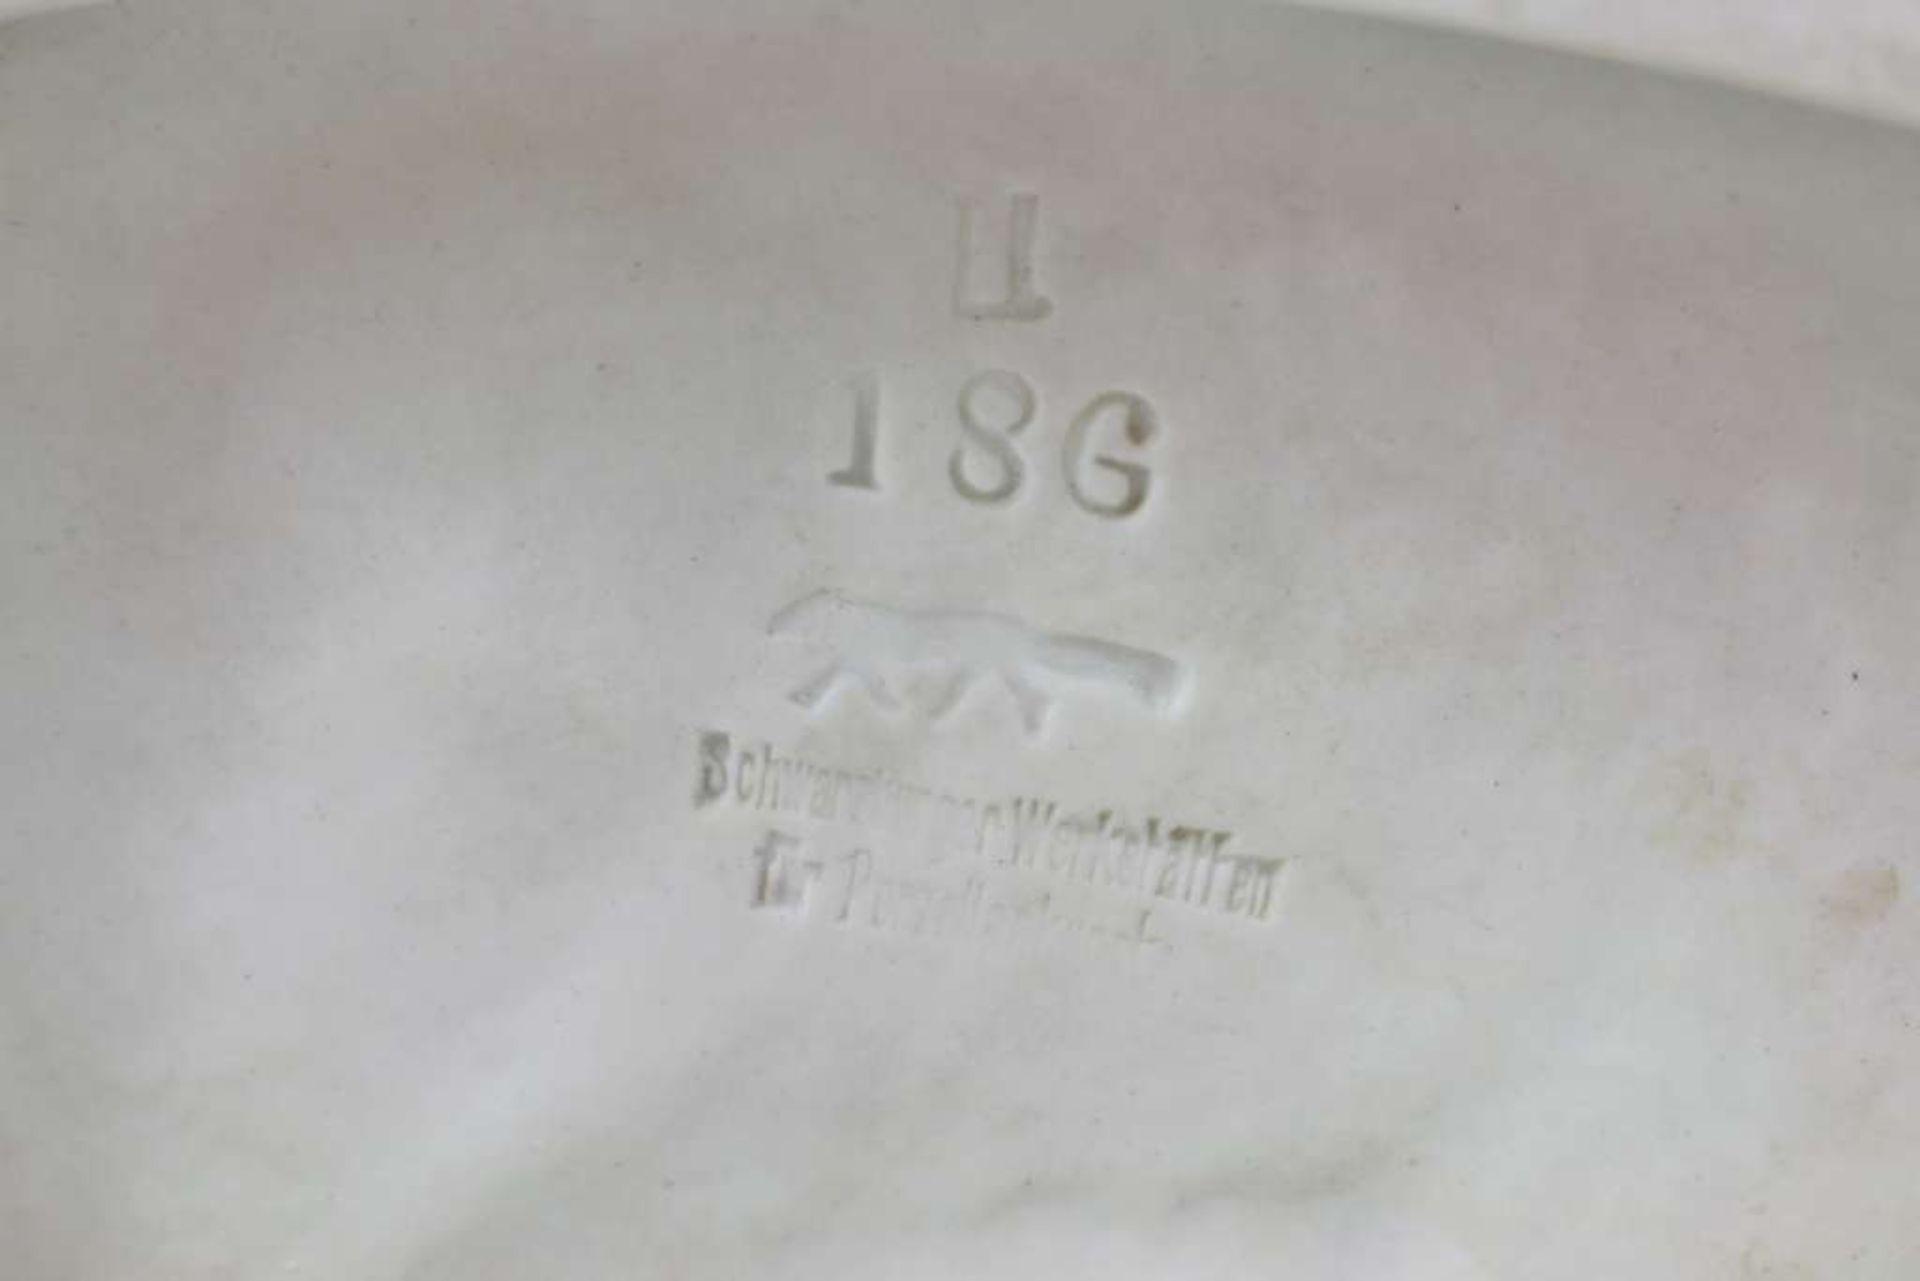 Schwarzburger Werkstätten, die Schnitterin, Magd mit dem Ährenbündel, Bodenmarke mit schnür - Bild 6 aus 6